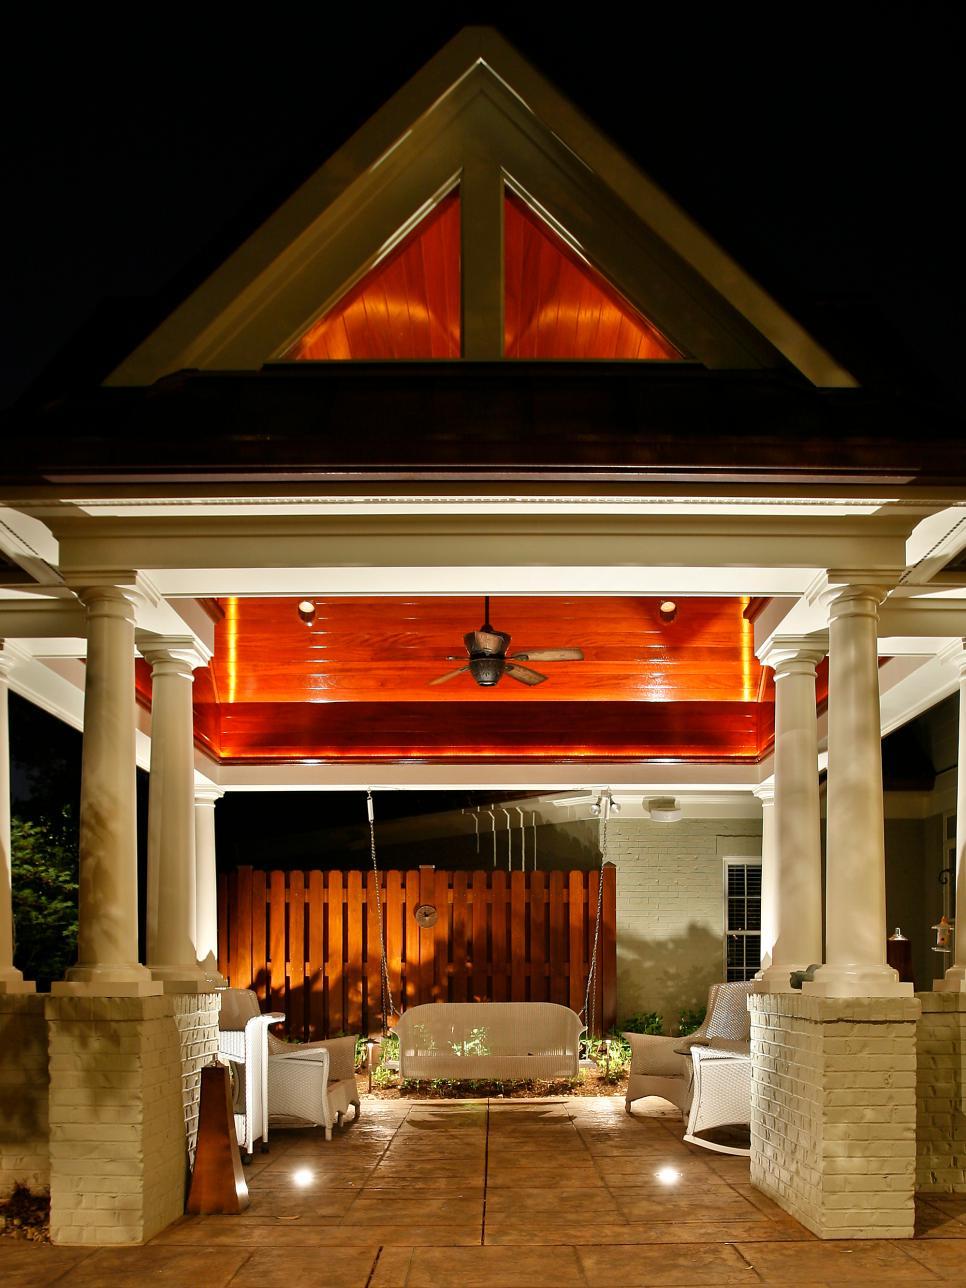 outdoor lighting ideas 22 landscape lighting ideas | diy VYGDEOJ